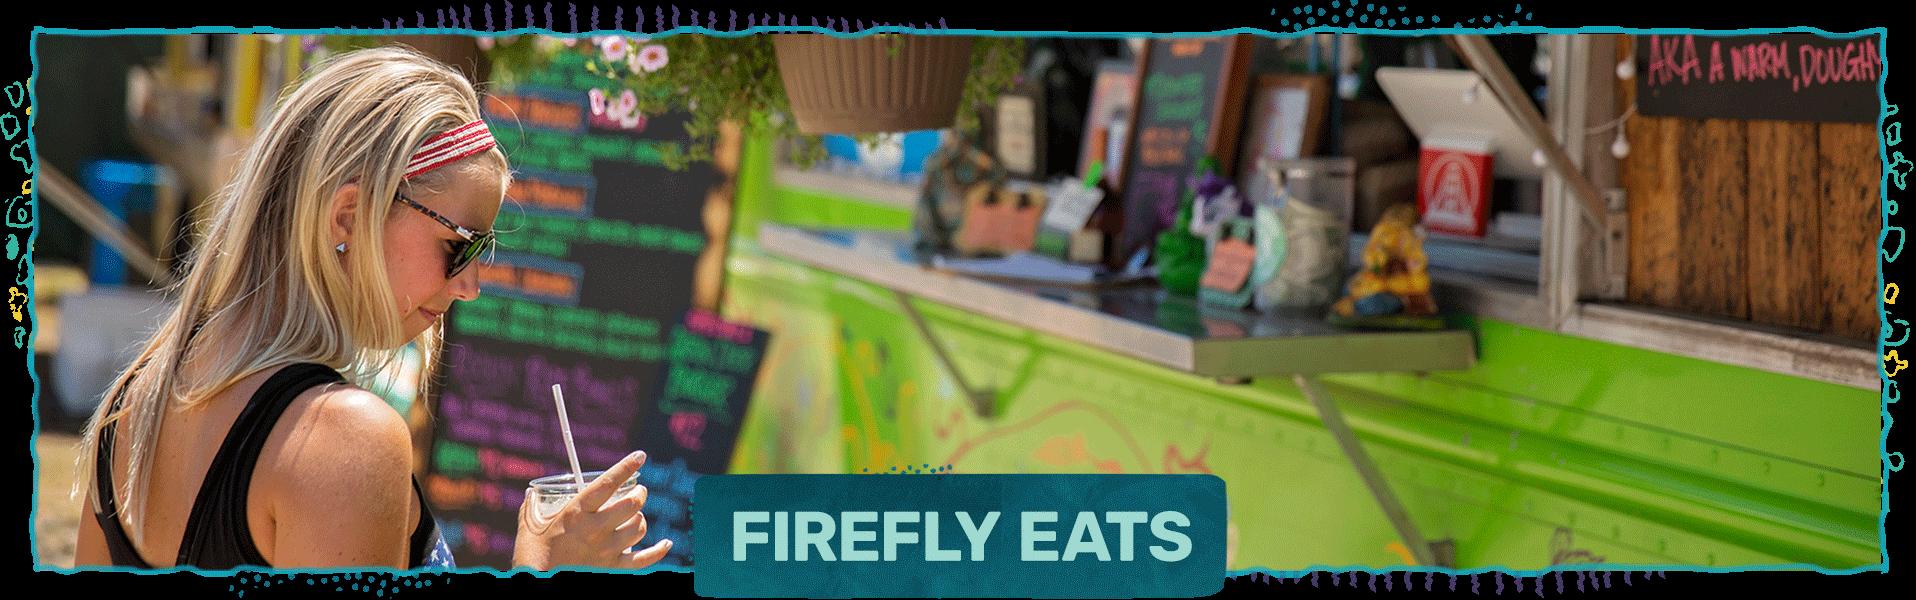 Firefly Eats hero image